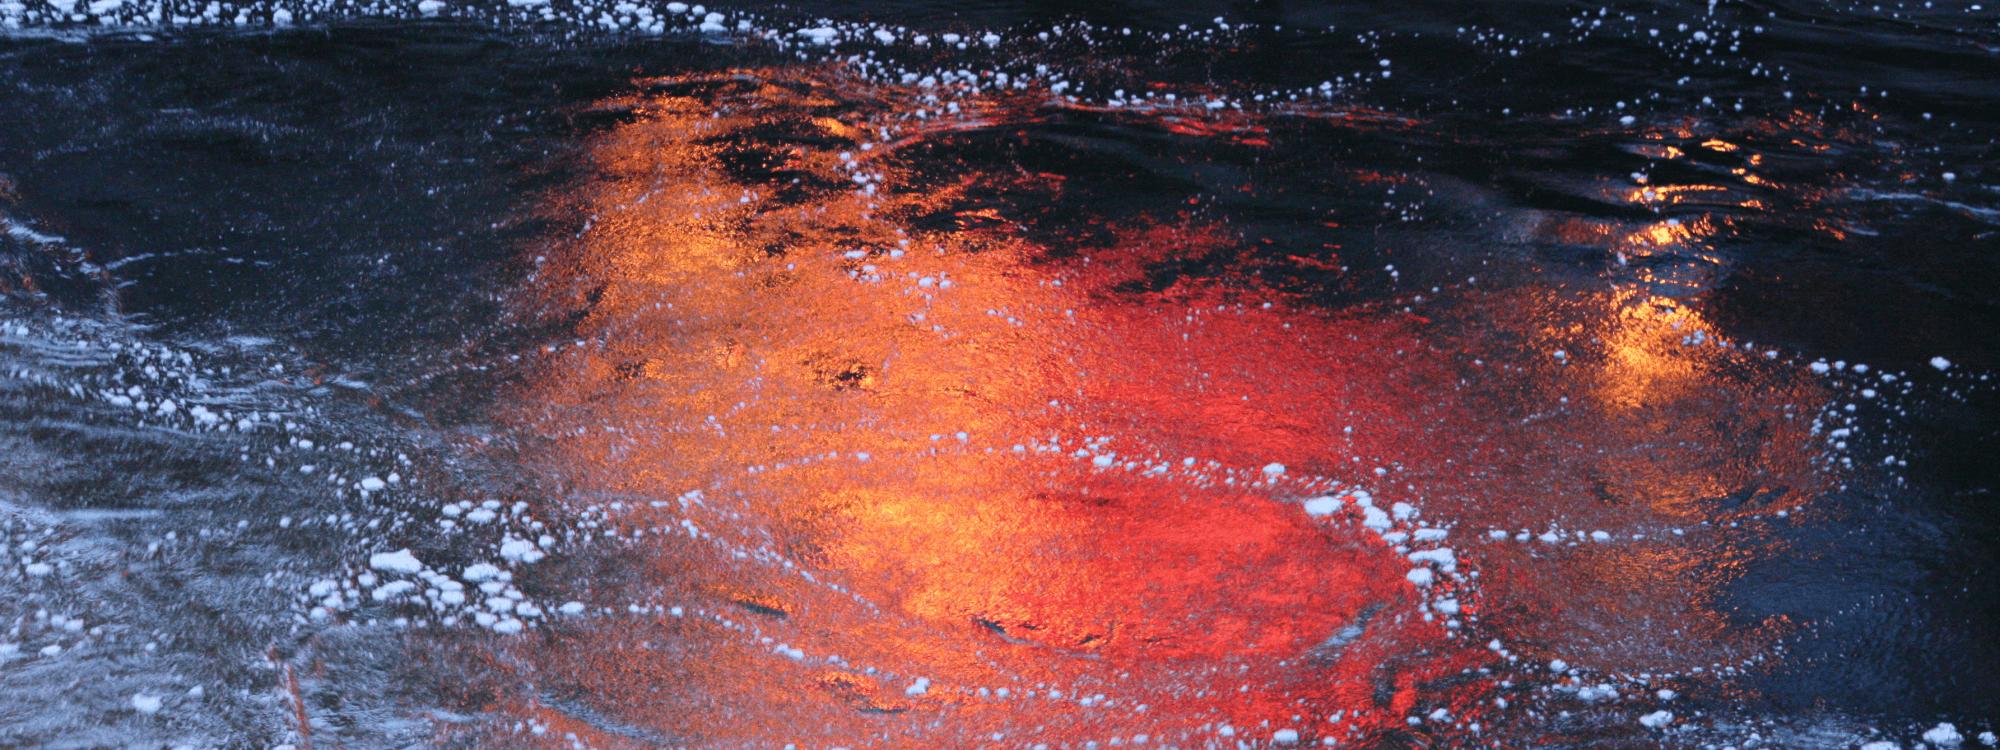 Värikäs joen pinta